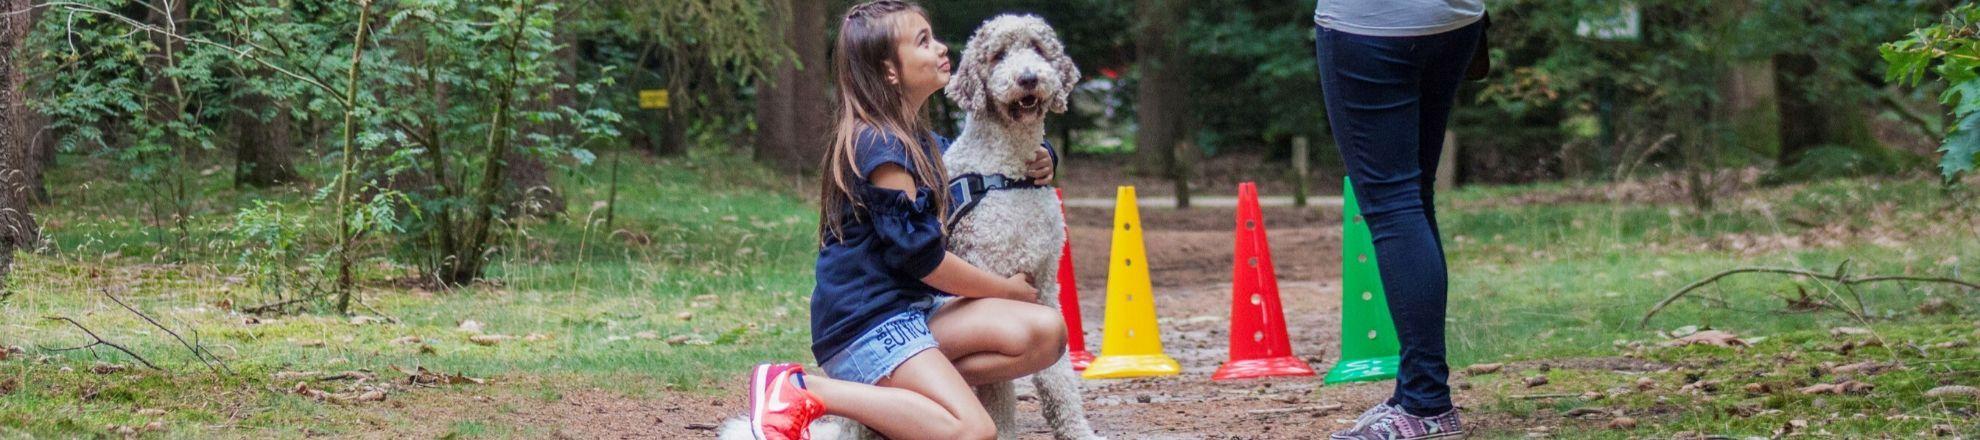 post hbo opleiding Therapie met inzet van dieren Aeres Hogeschool Dronten